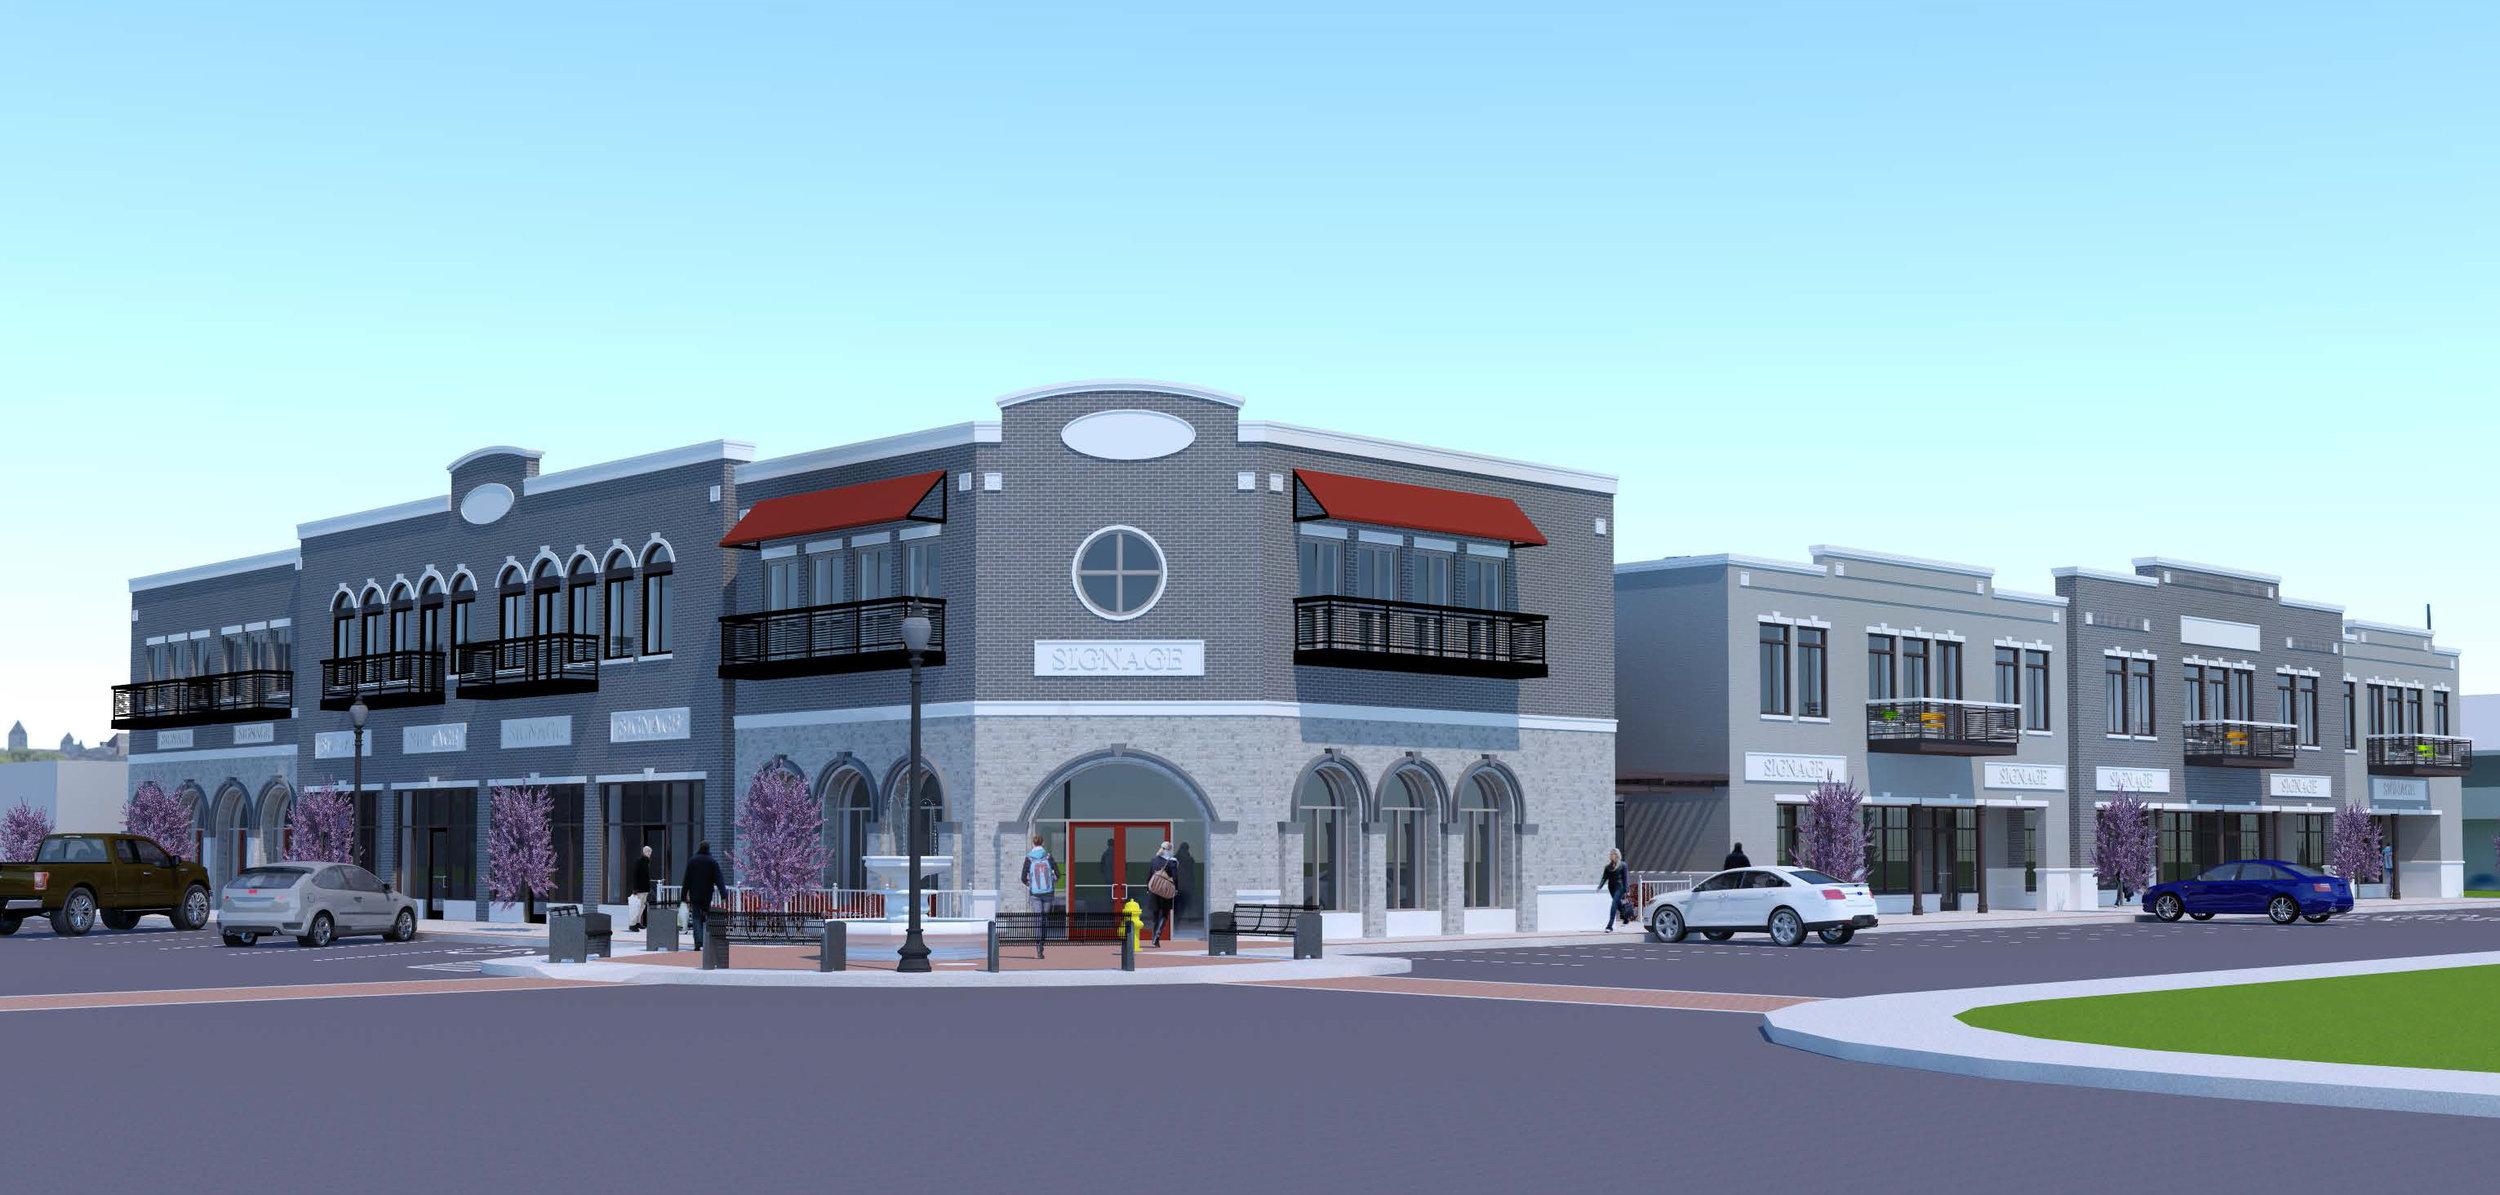 Mowery Retail-Lofts_Exterior_Rendering-1.jpg